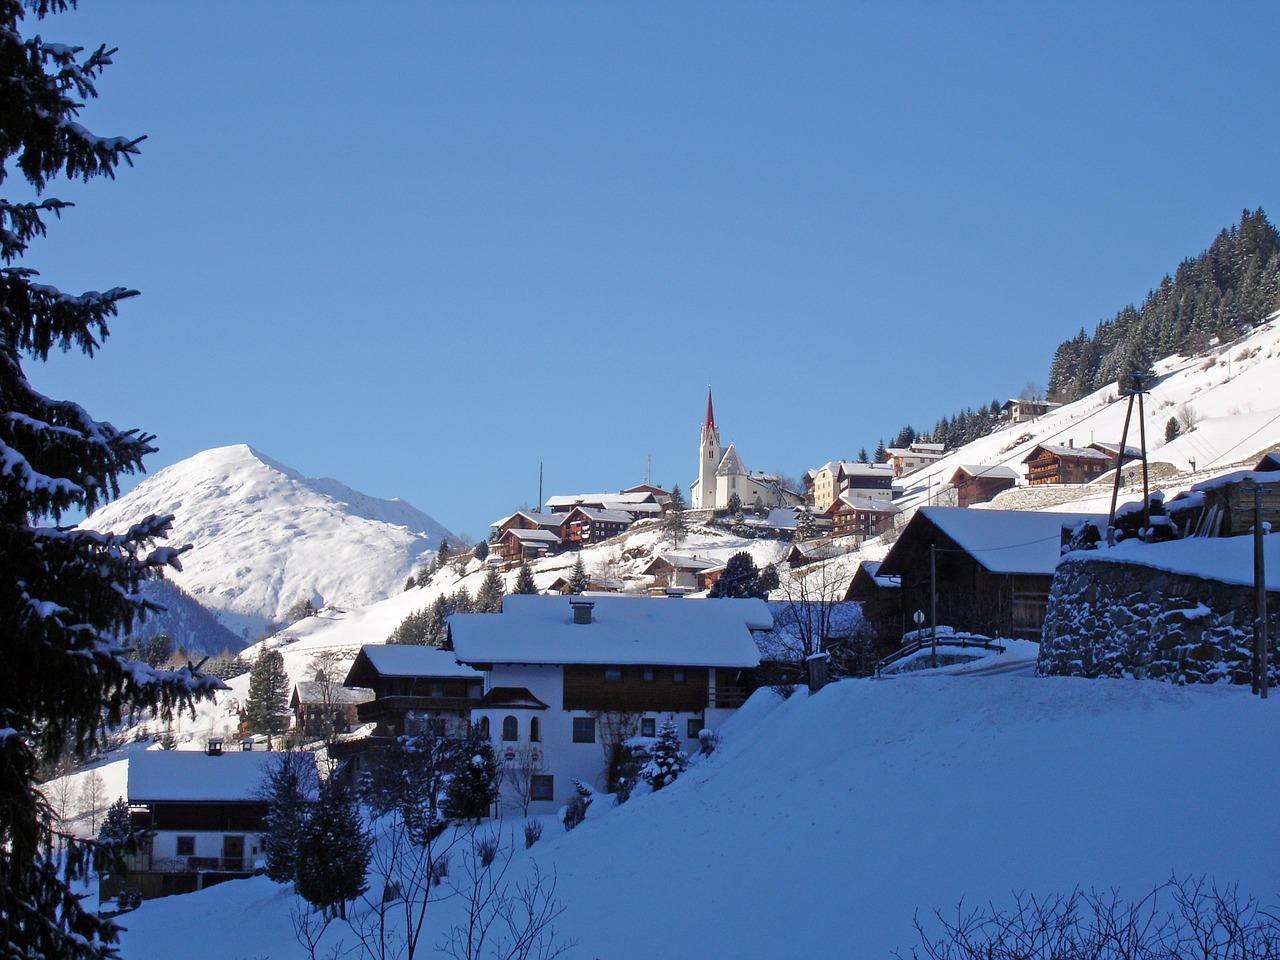 красивая деревня зимой фото 24